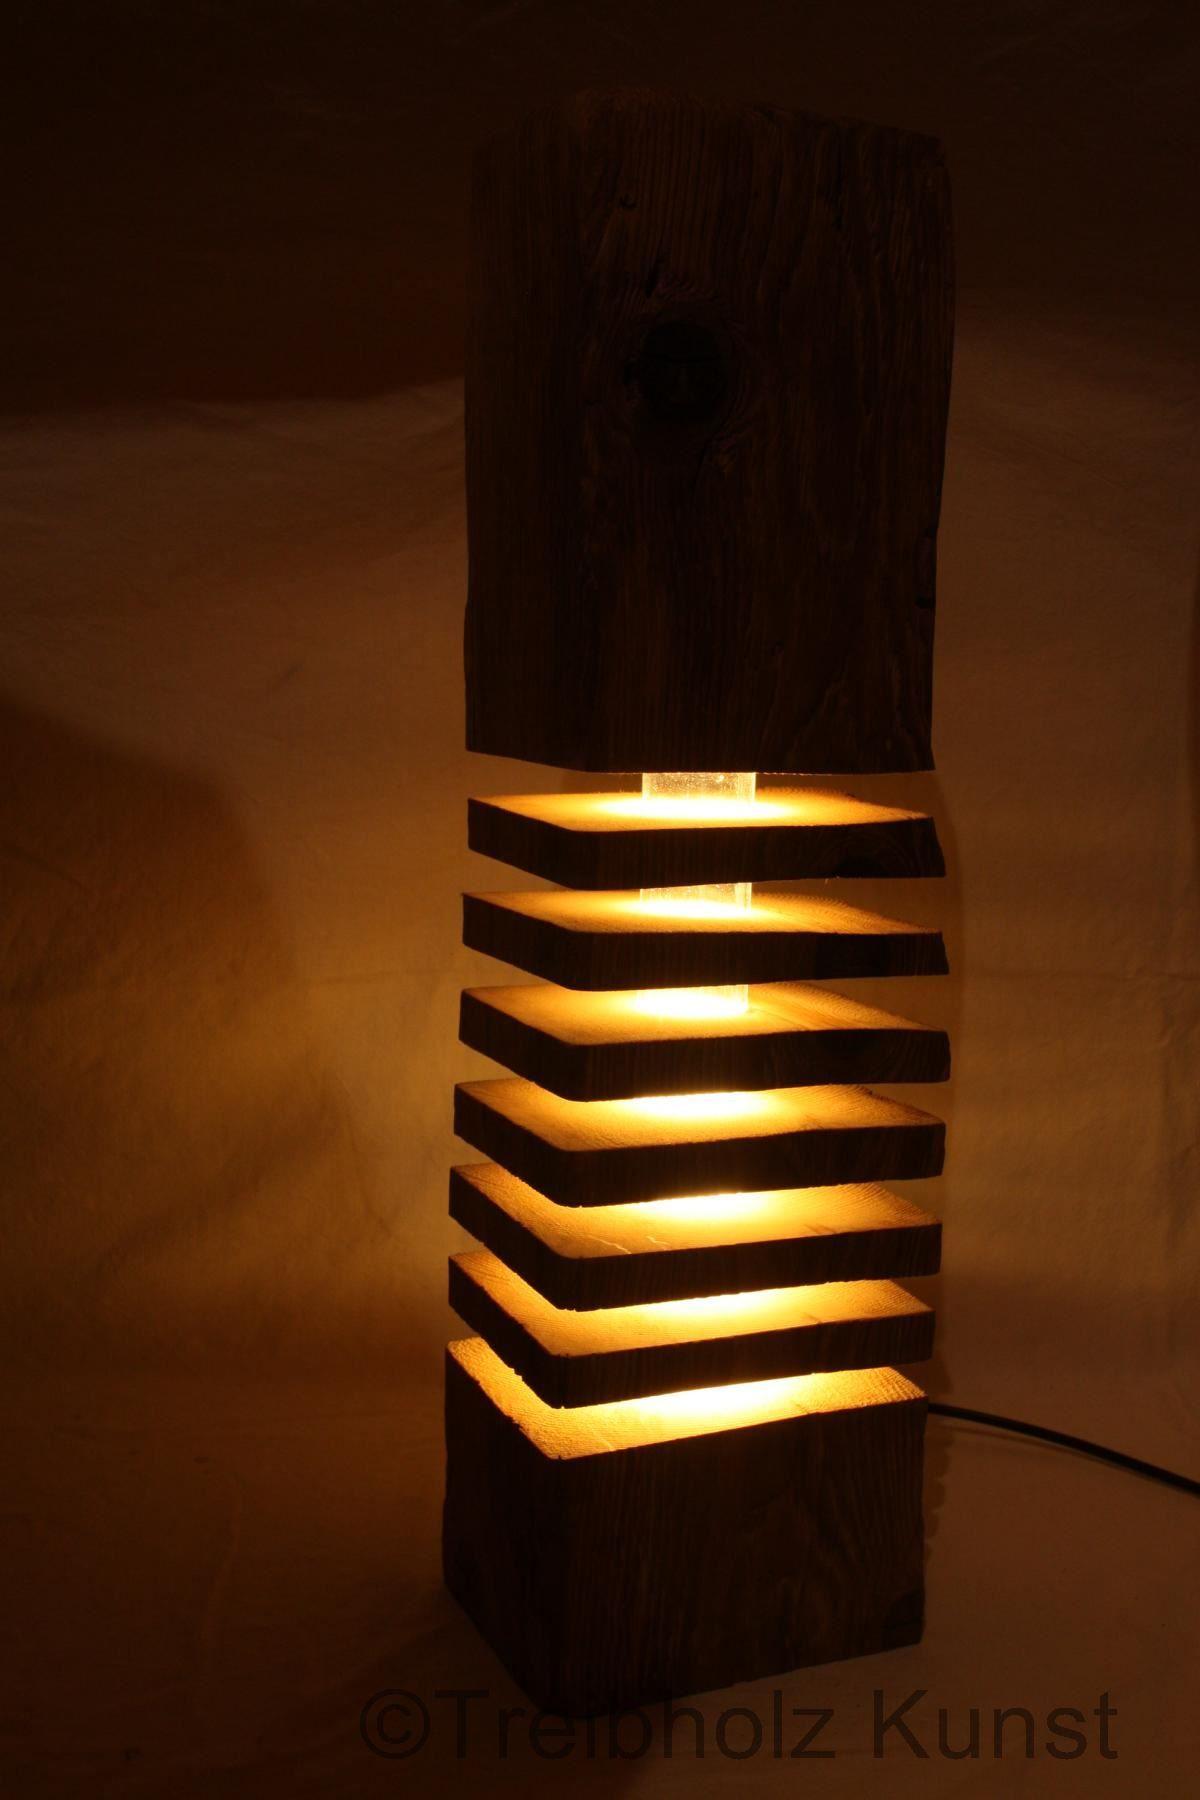 Full Size of Designer Lampen Holz Deckenlampen Für Wohnzimmer Led Küche Esstisch Schlafzimmer Betten Regale Esstische Badezimmer Bad Stehlampen Modern Wohnzimmer Designer Lampen